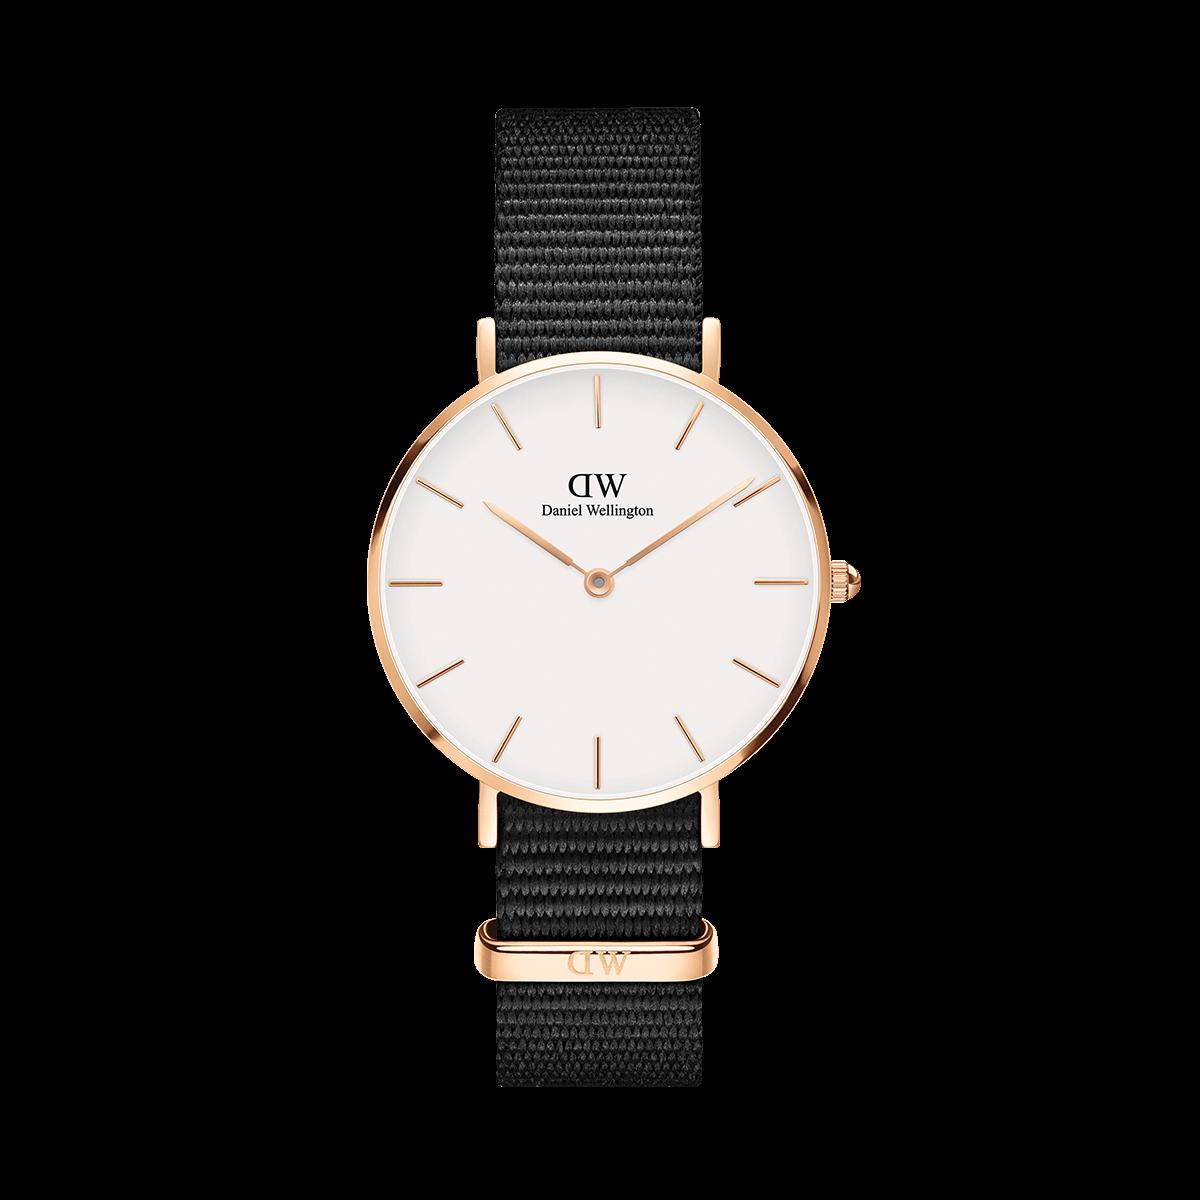 Nakupujte hodinky pro ženy s jakýmkoli stylem  373f1743bf0